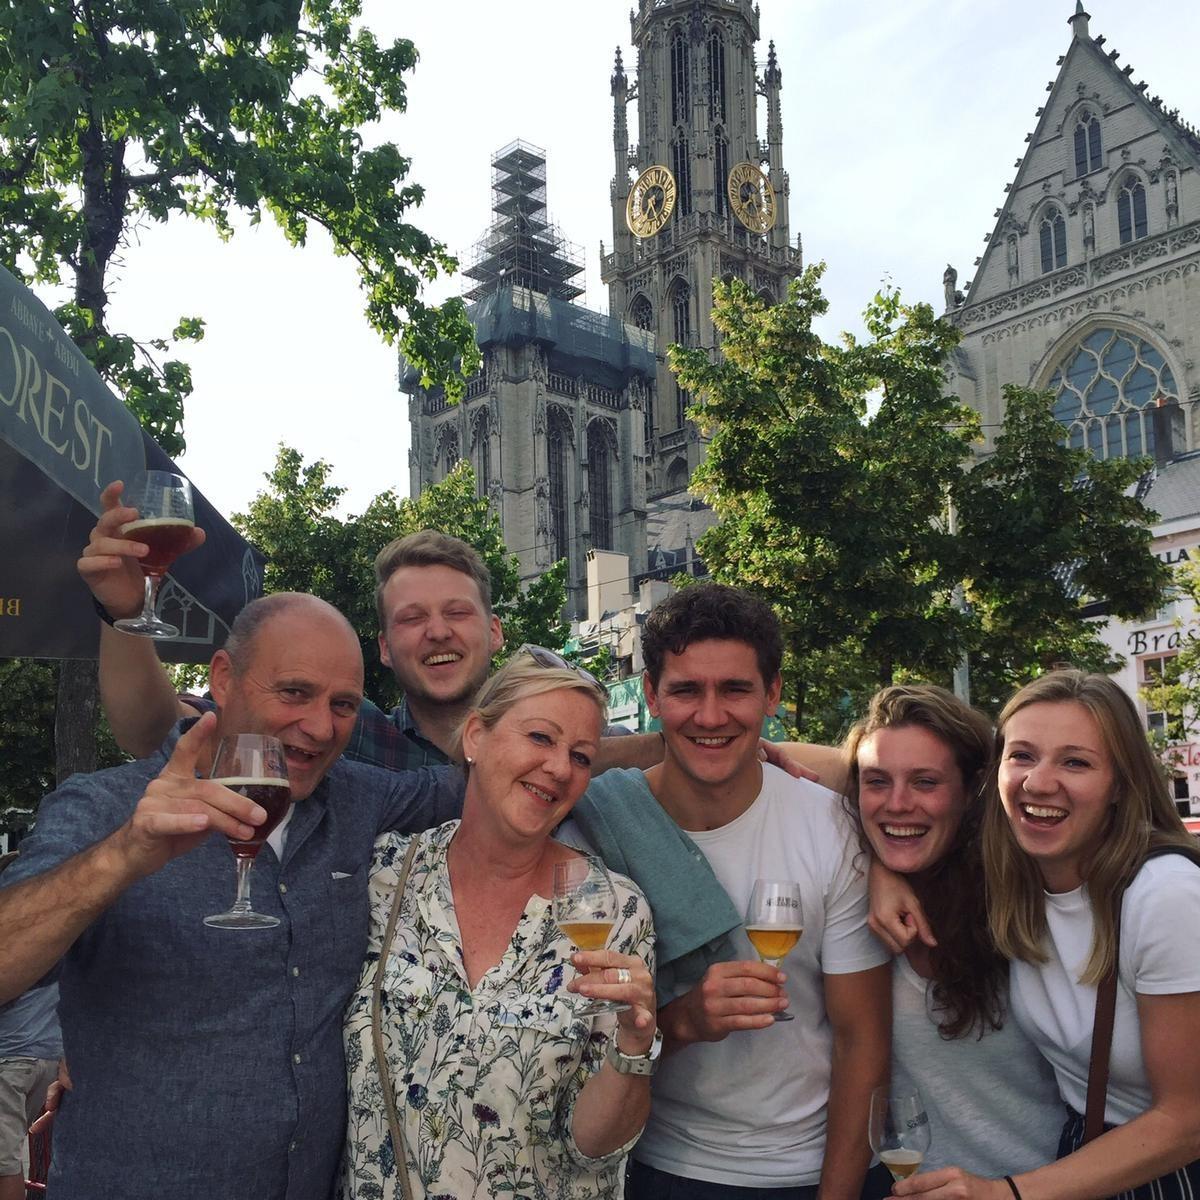 Elk jaar ga ik met mijn familie naar een bierfestival in Antwerpen